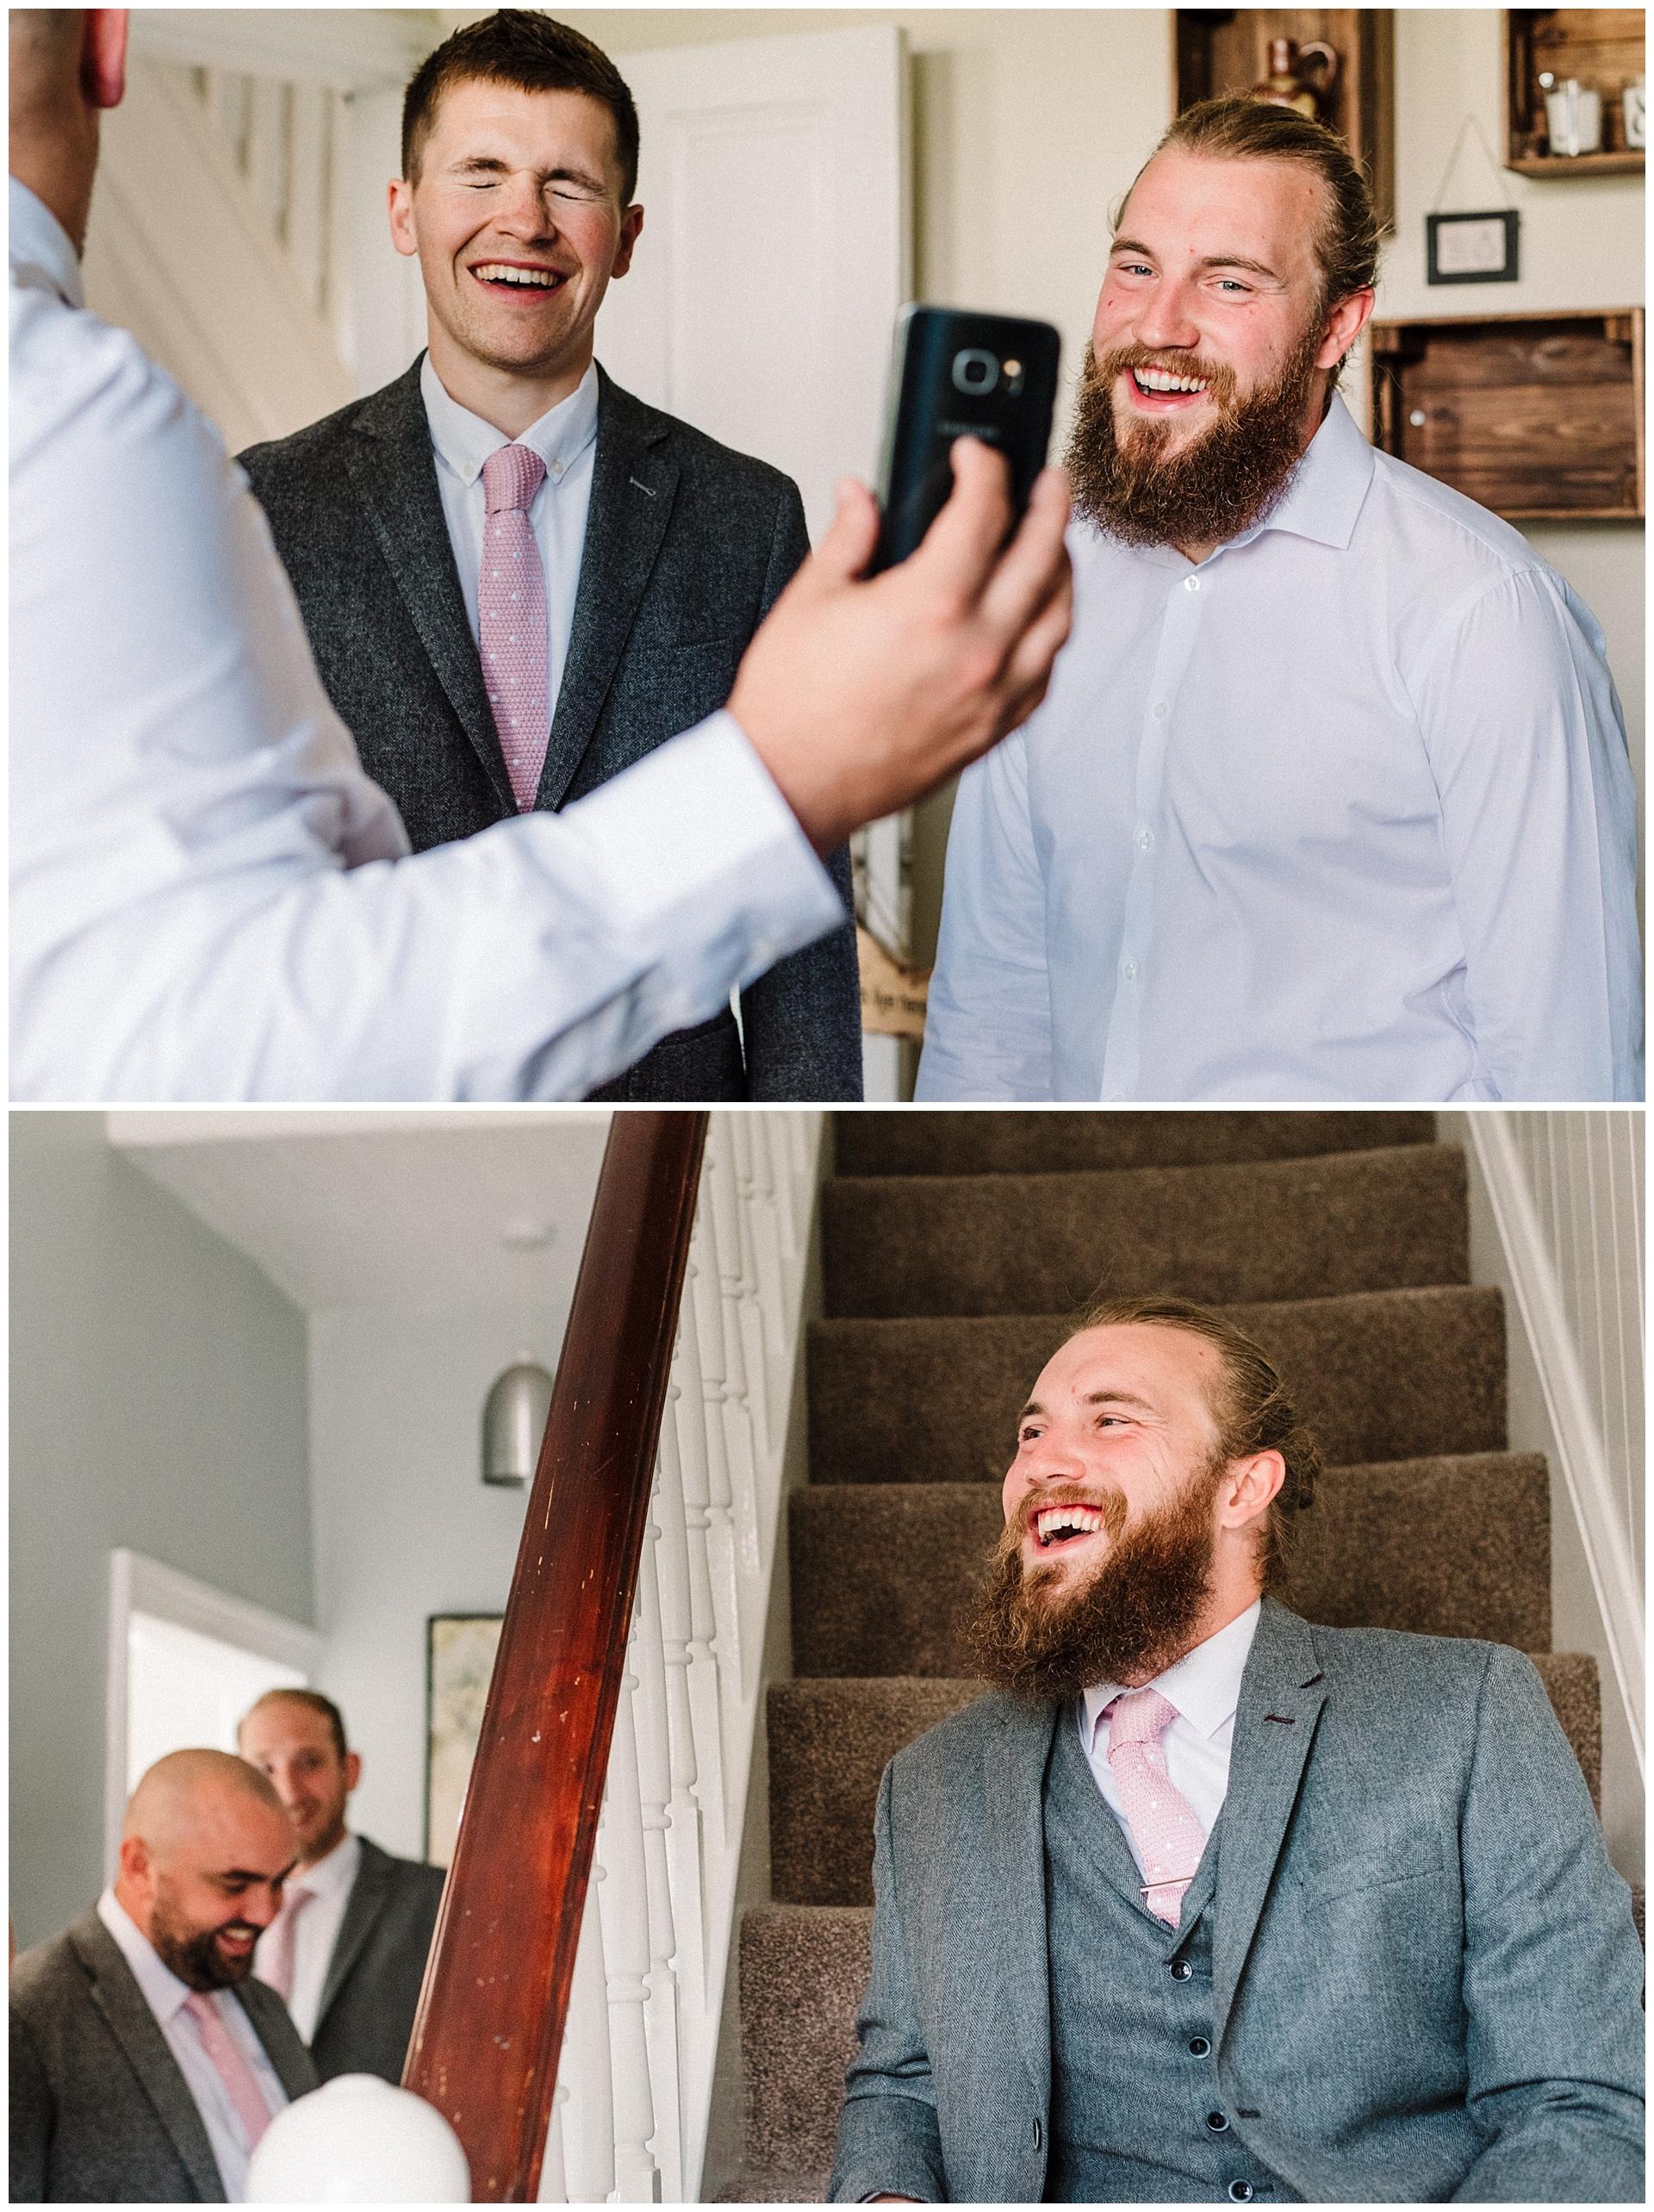 Groomsmen laughing before a wedding.jpg